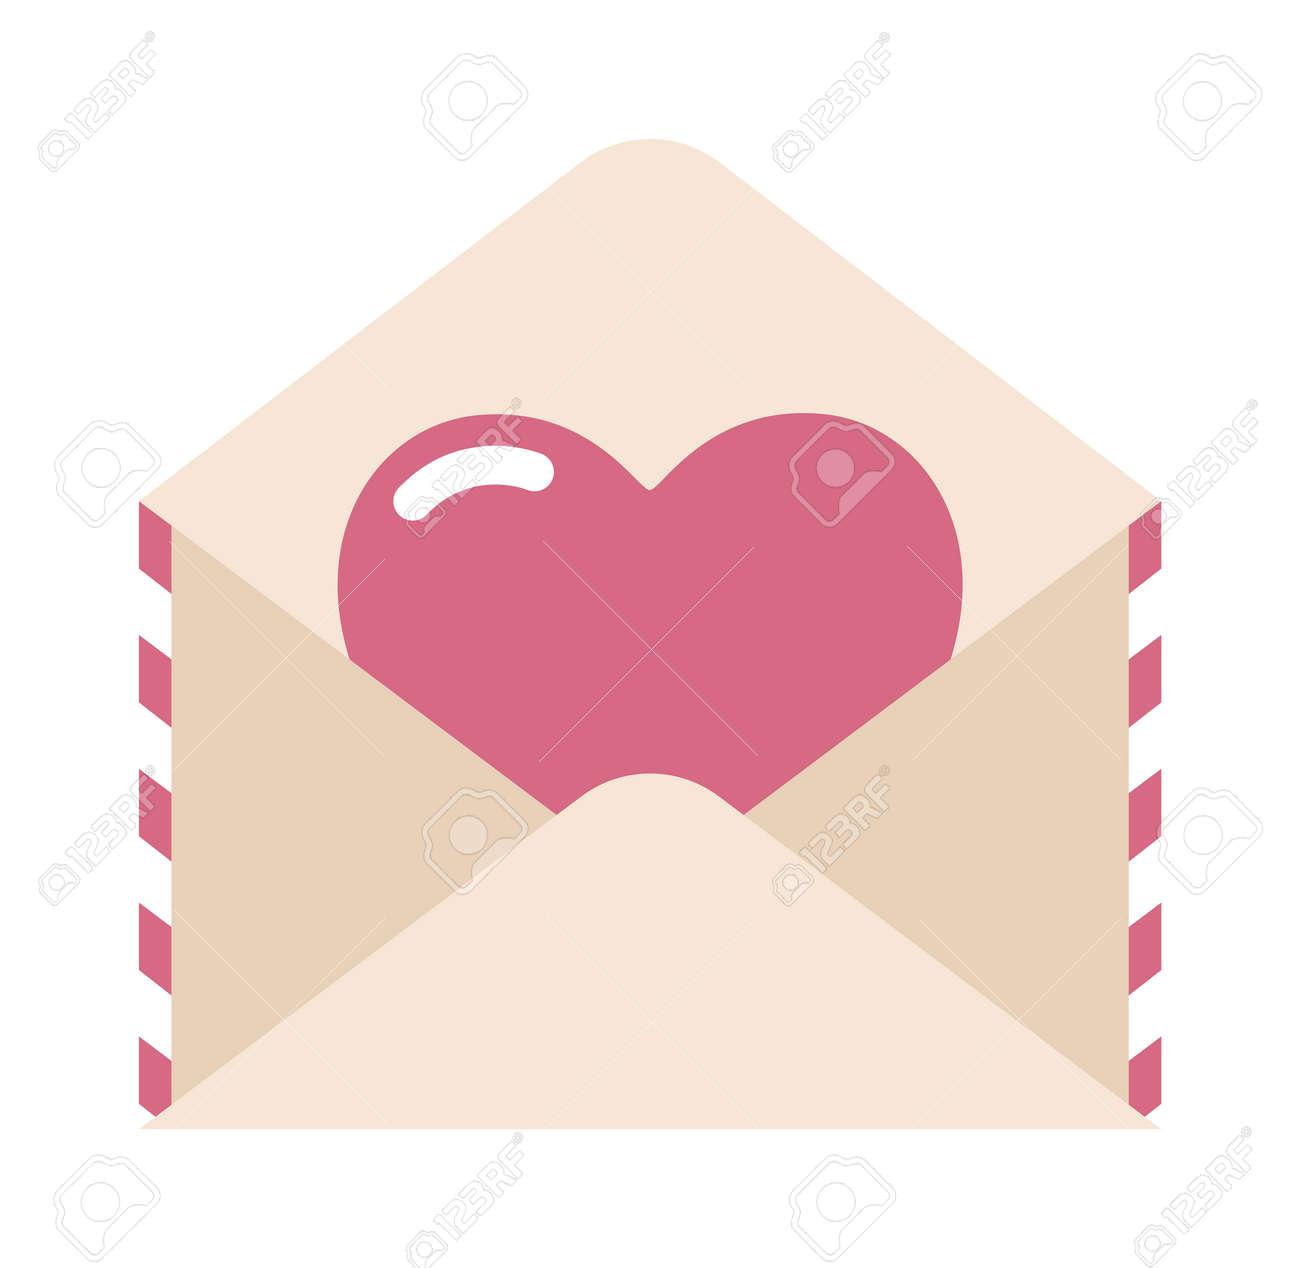 Carta De Amor Sobre Y Etiqueta Engomada Del Corazón Ilustración